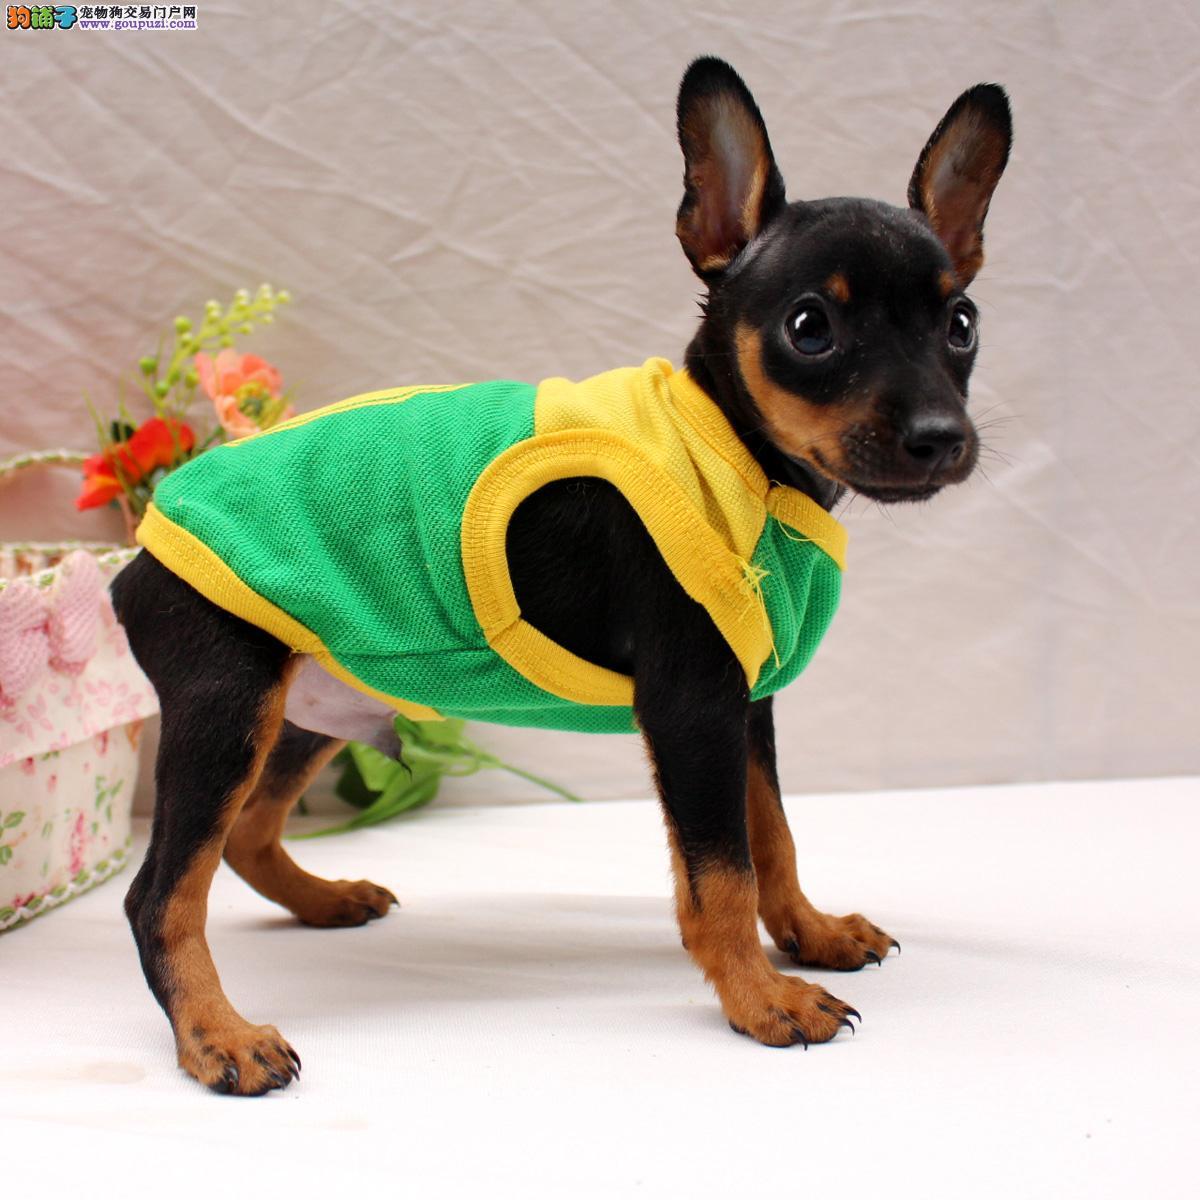 小鹿犬 武汉极品小鹿犬出售 赛级标准